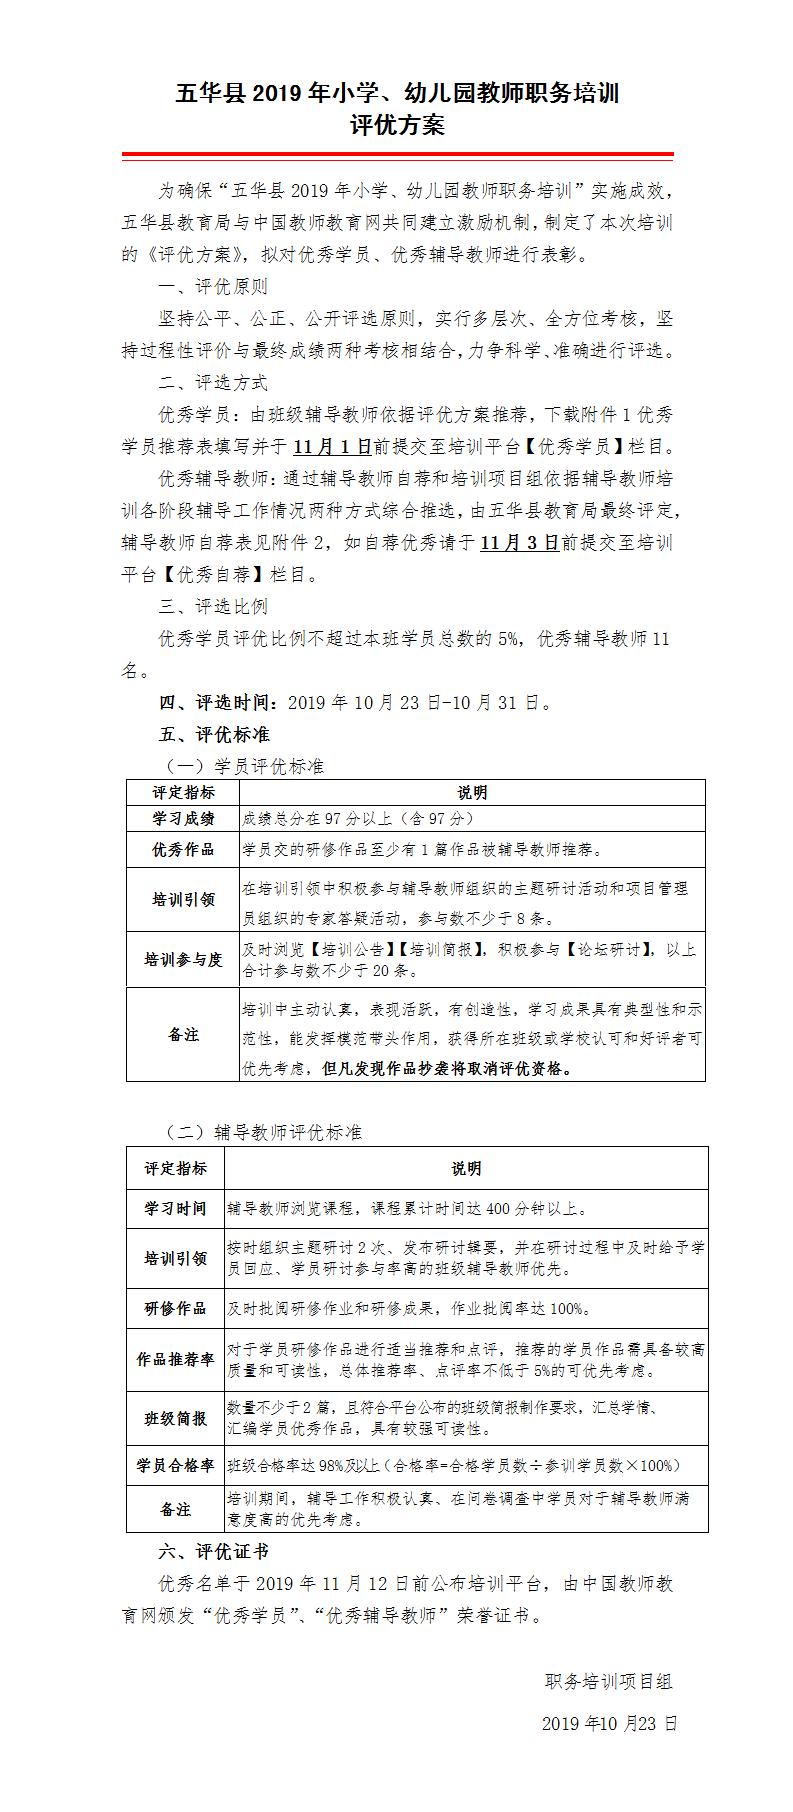 五华县2019年小学、幼儿园教师职务培训评优方案.png